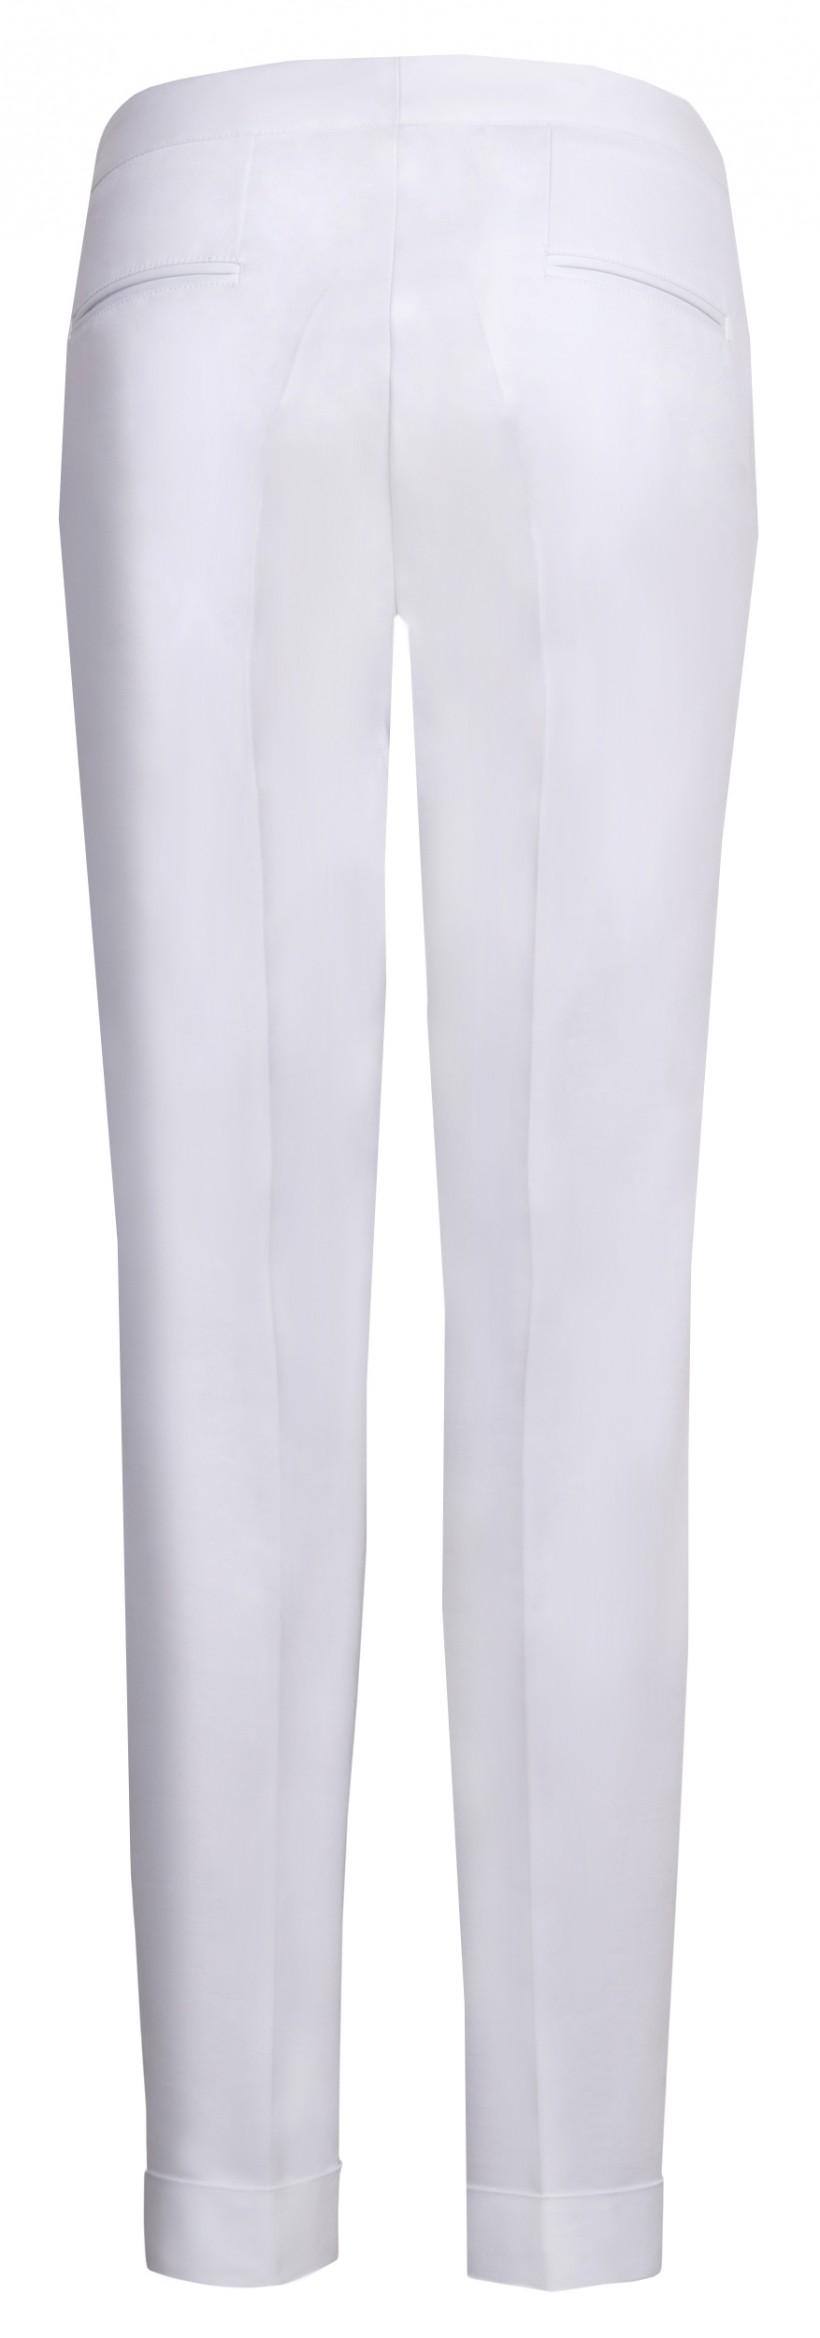 Spodnie bawełniane